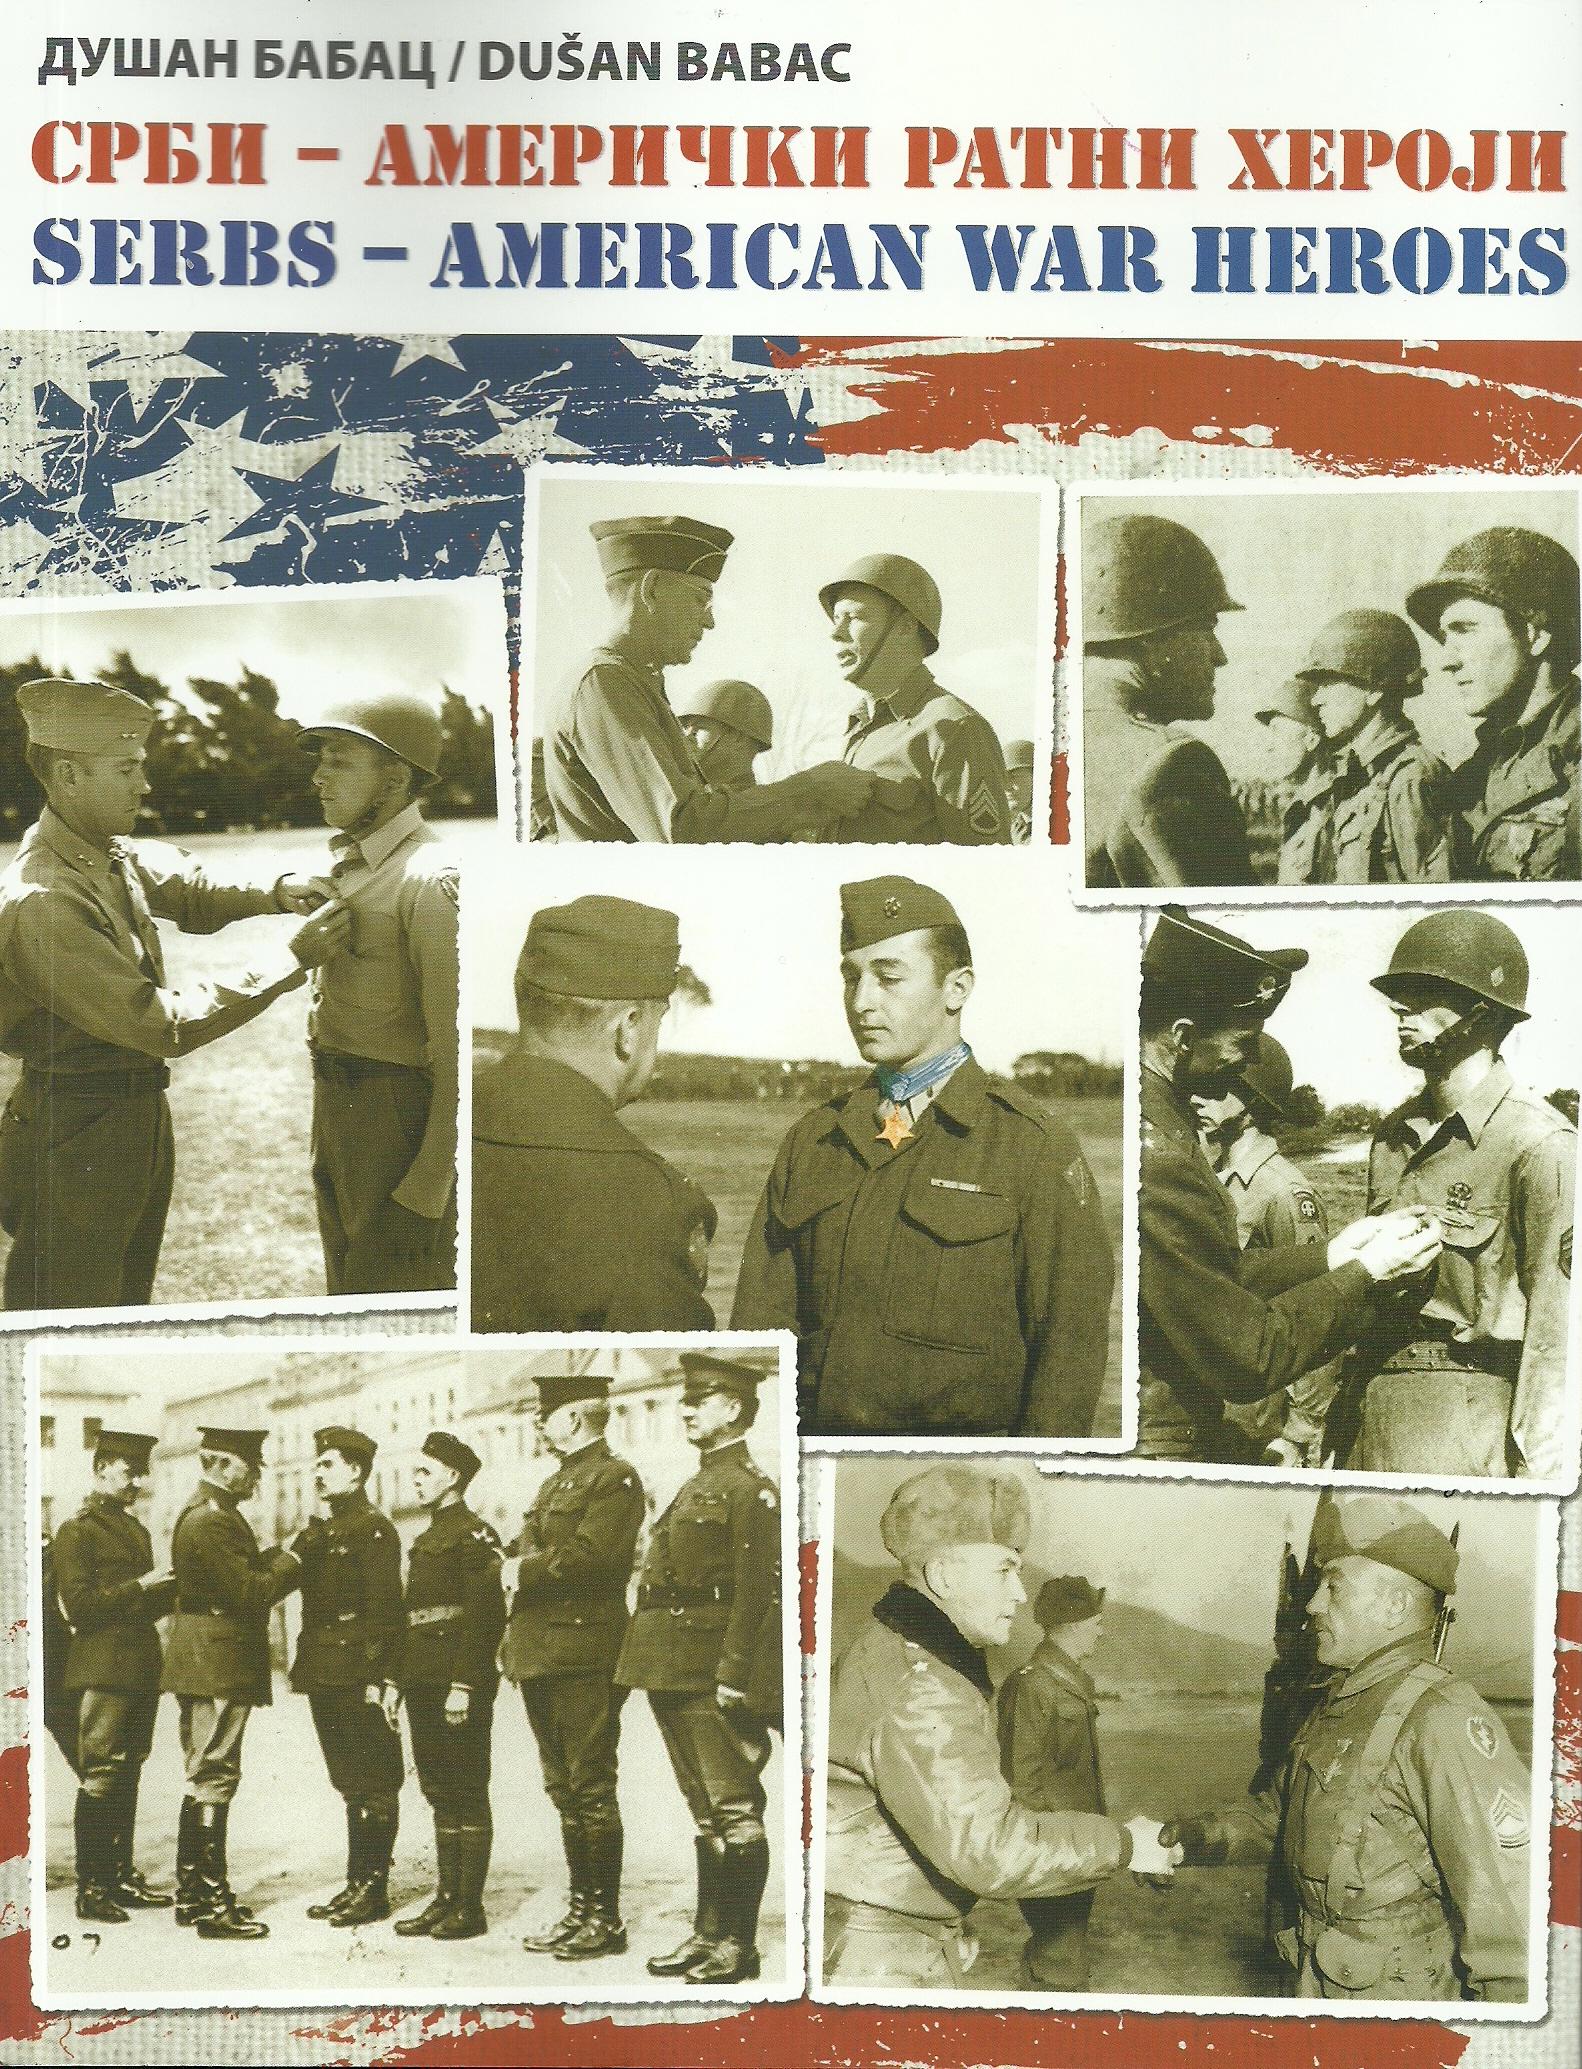 220-srpskih-heroja-amerike